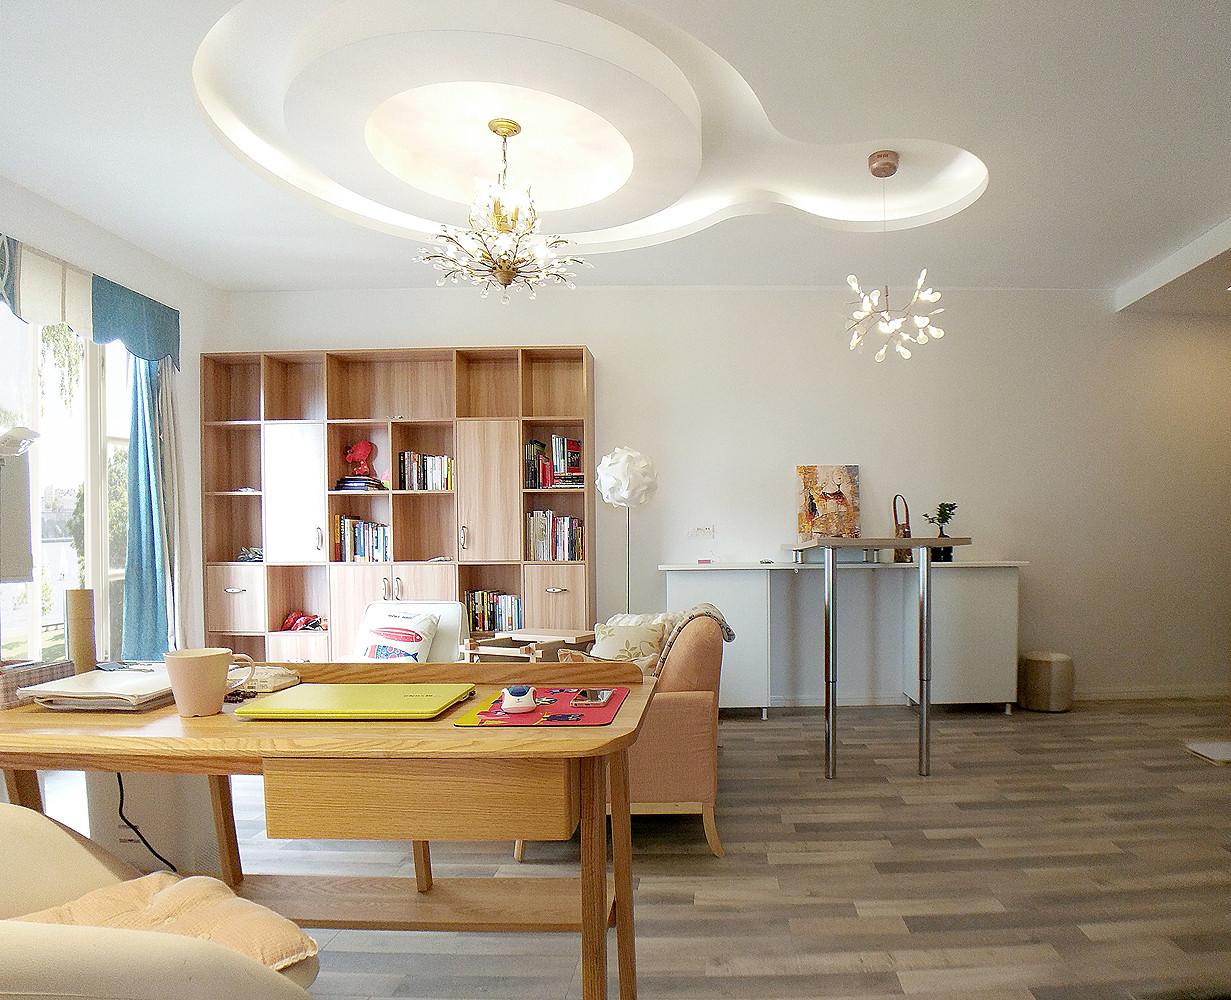 二居室简约风格家客厅顶面造型图